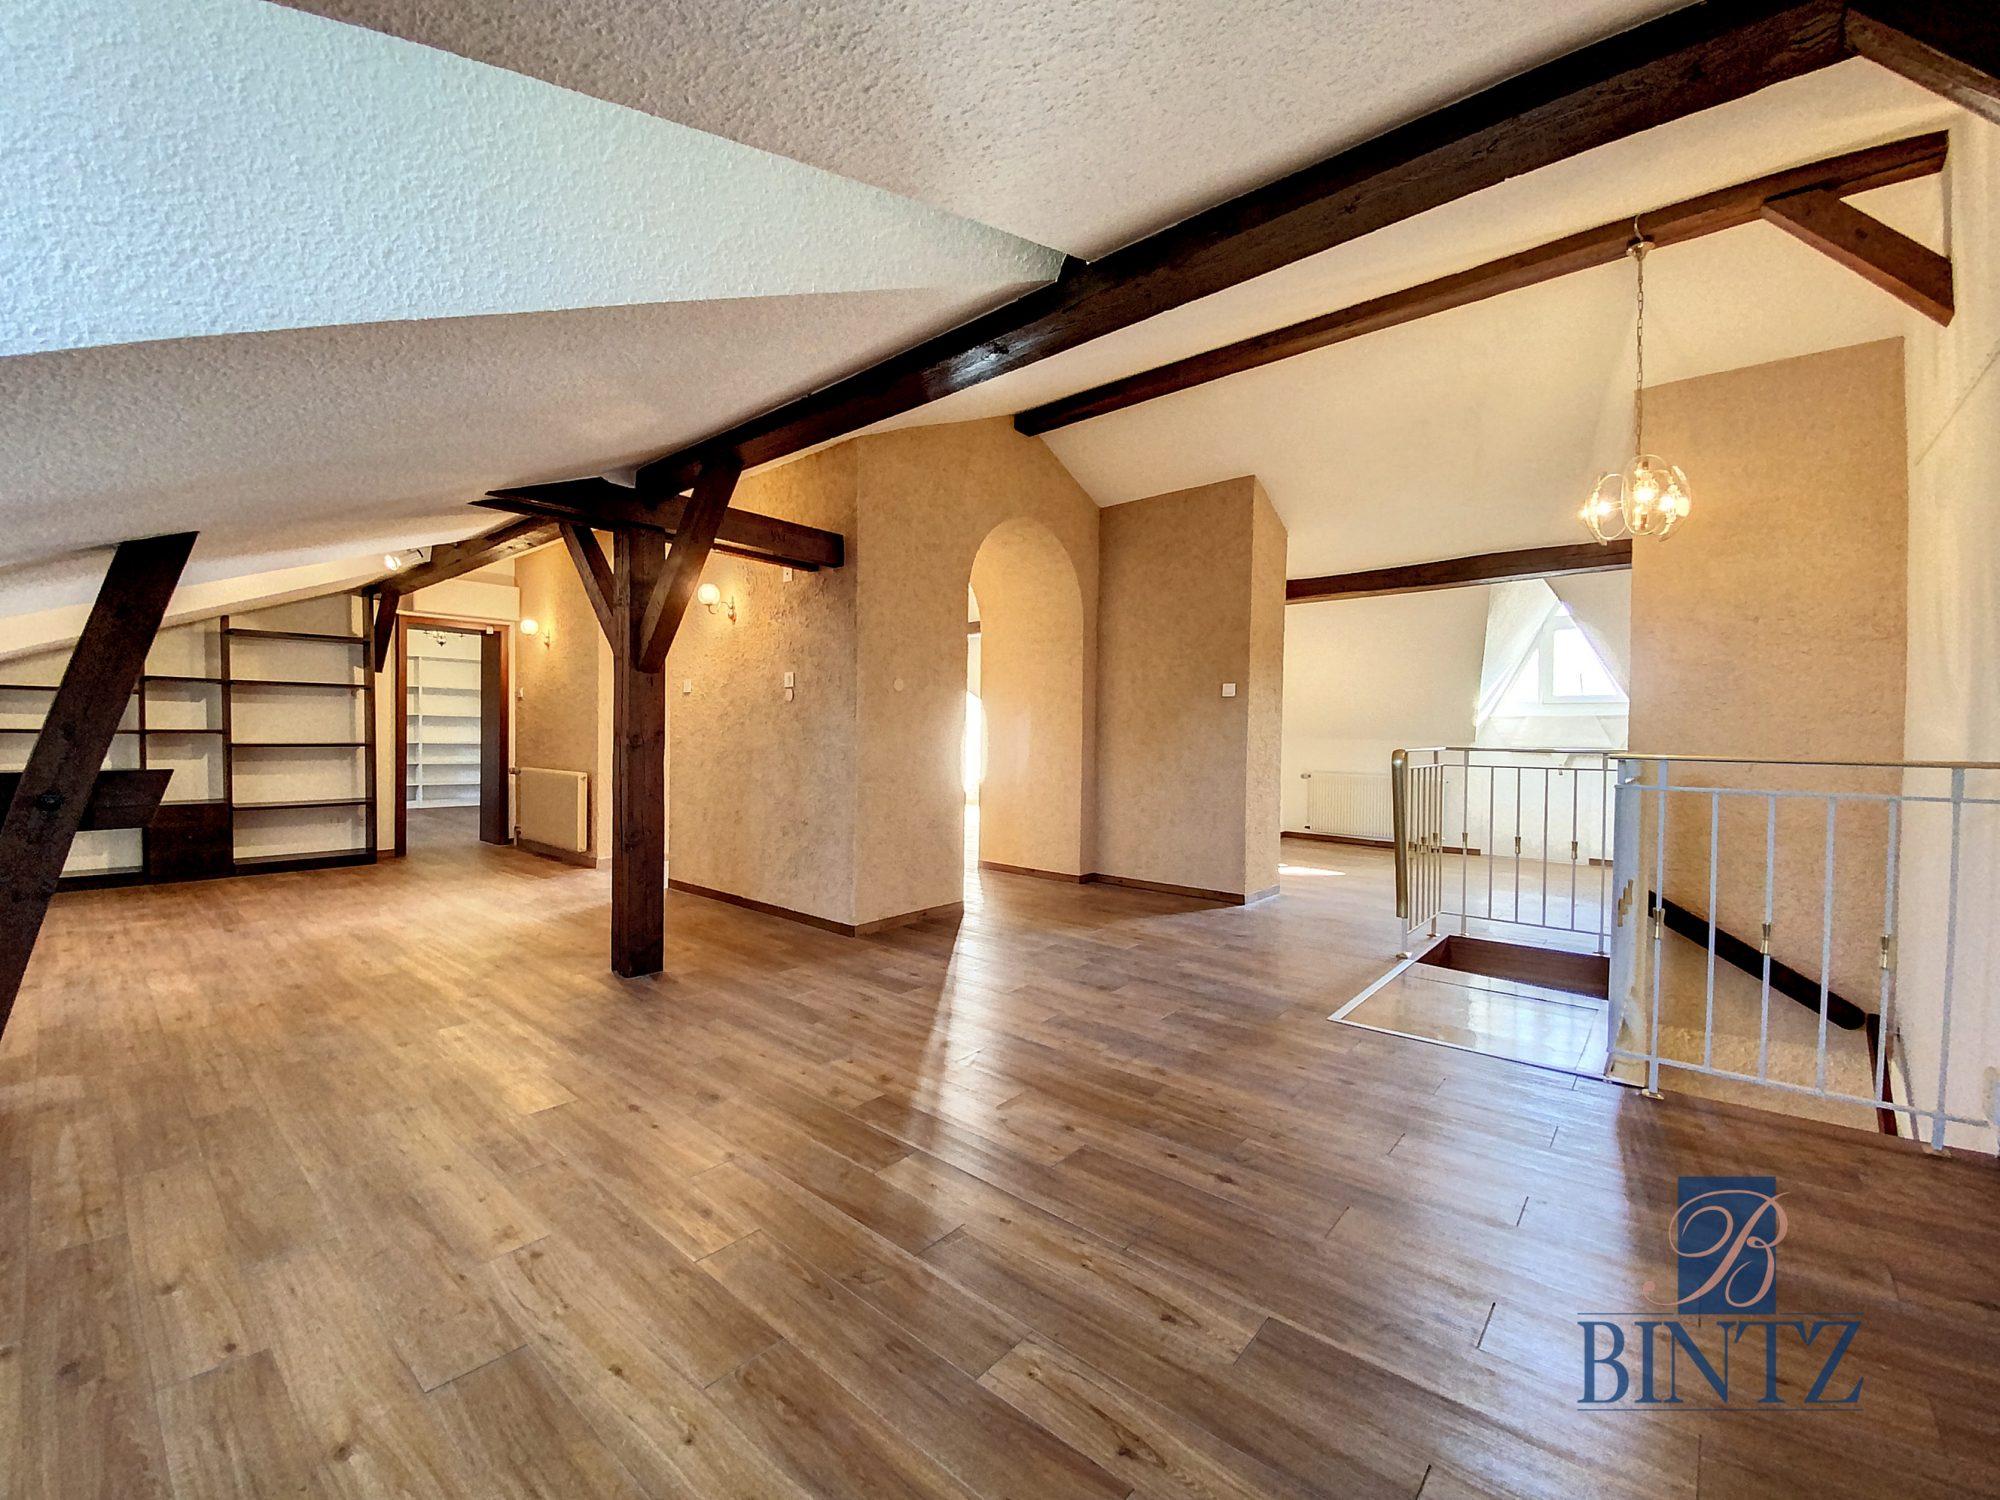 DUPLEX PLACE DE L'UNIVERSITÉ AVEC TERRASSE - Devenez locataire en toute sérénité - Bintz Immobilier - 17